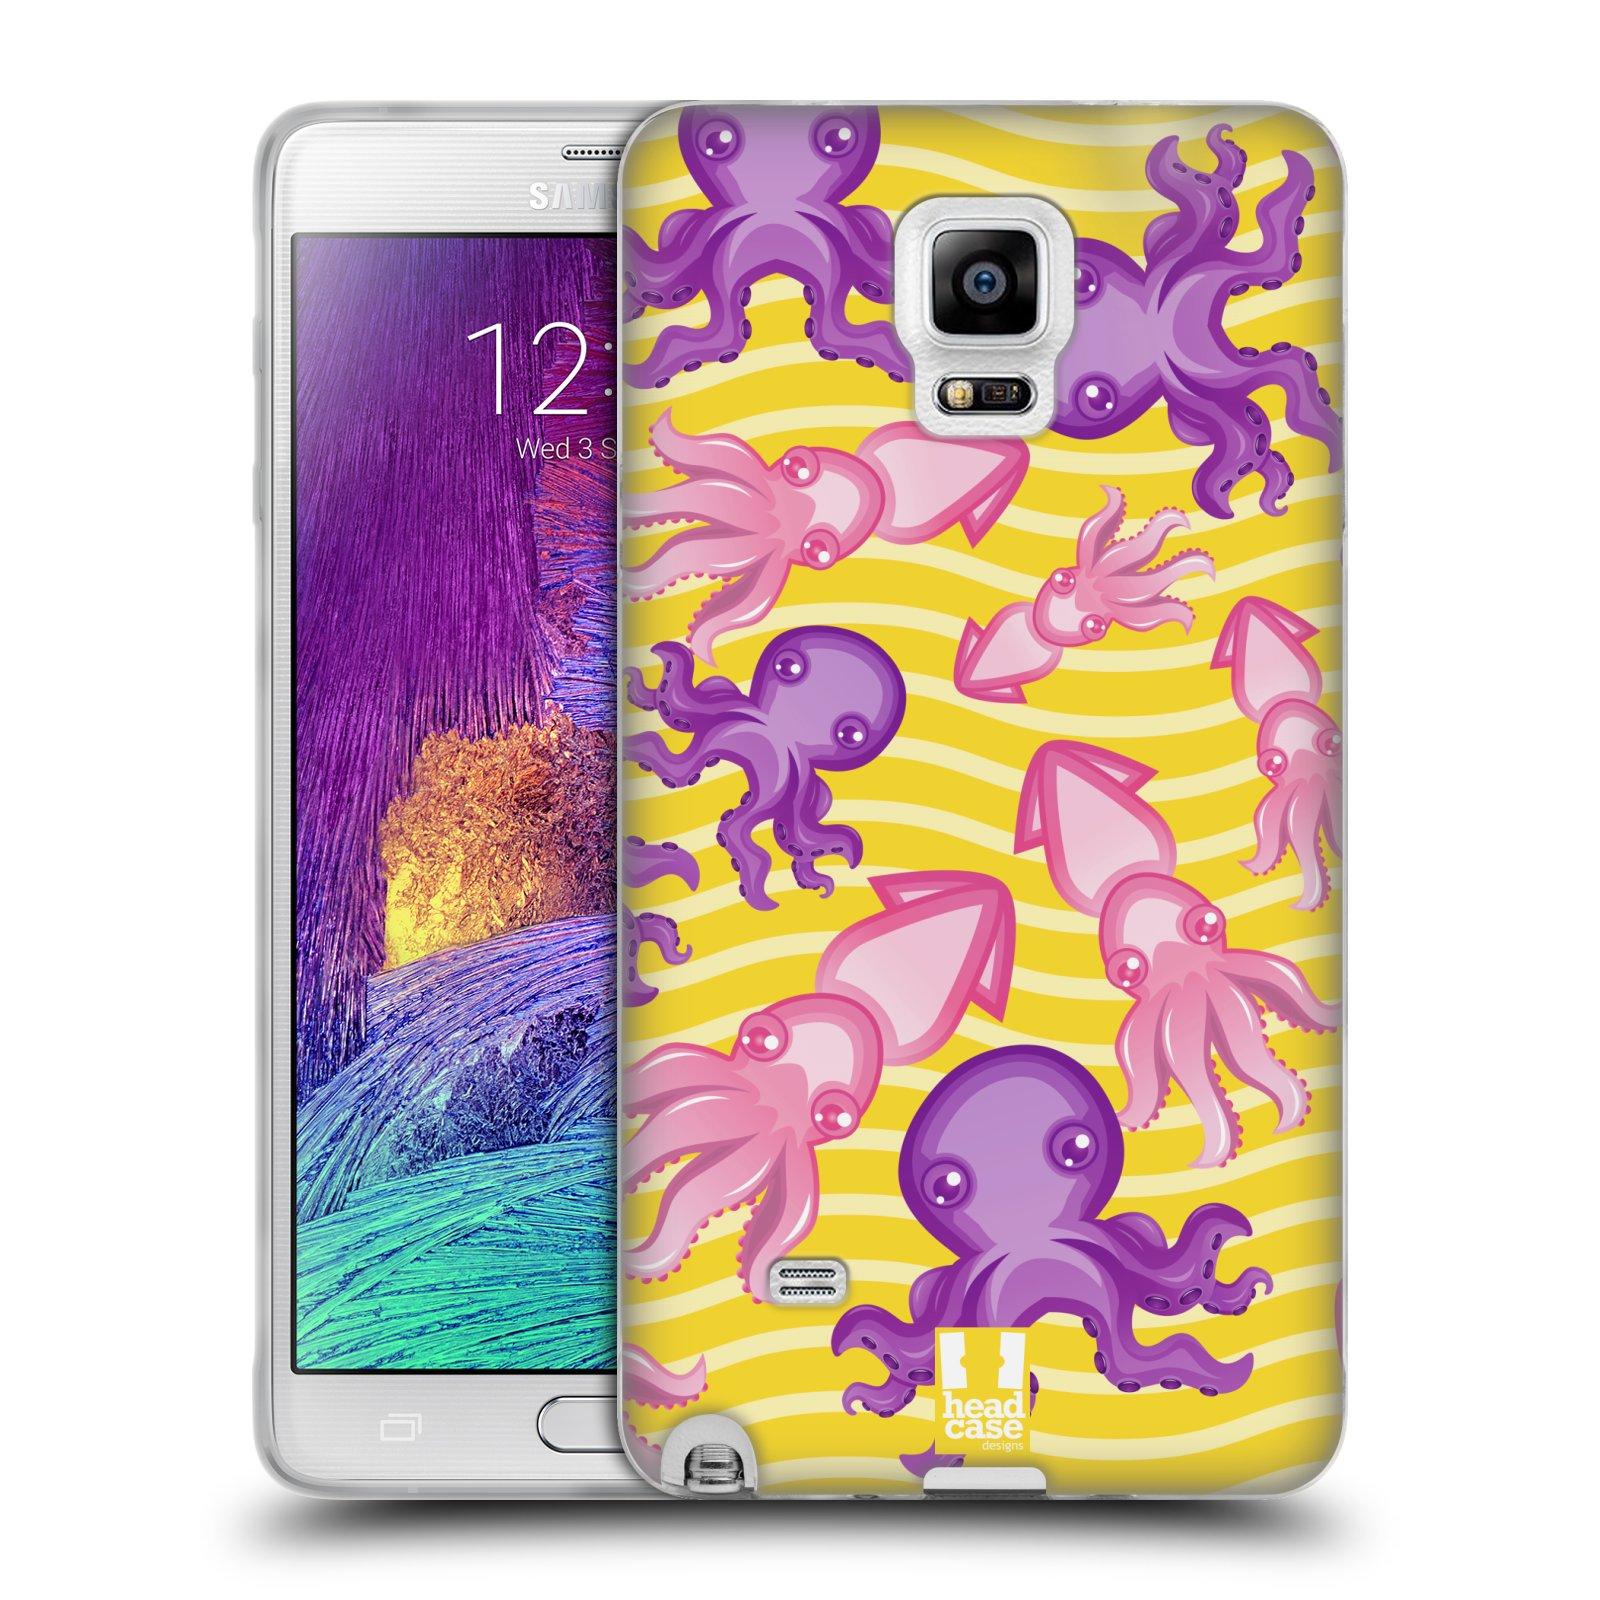 HEAD CASE silikonový obal na mobil Samsung Galaxy Note 4 (N910) vzor mořský živočich chobotnice